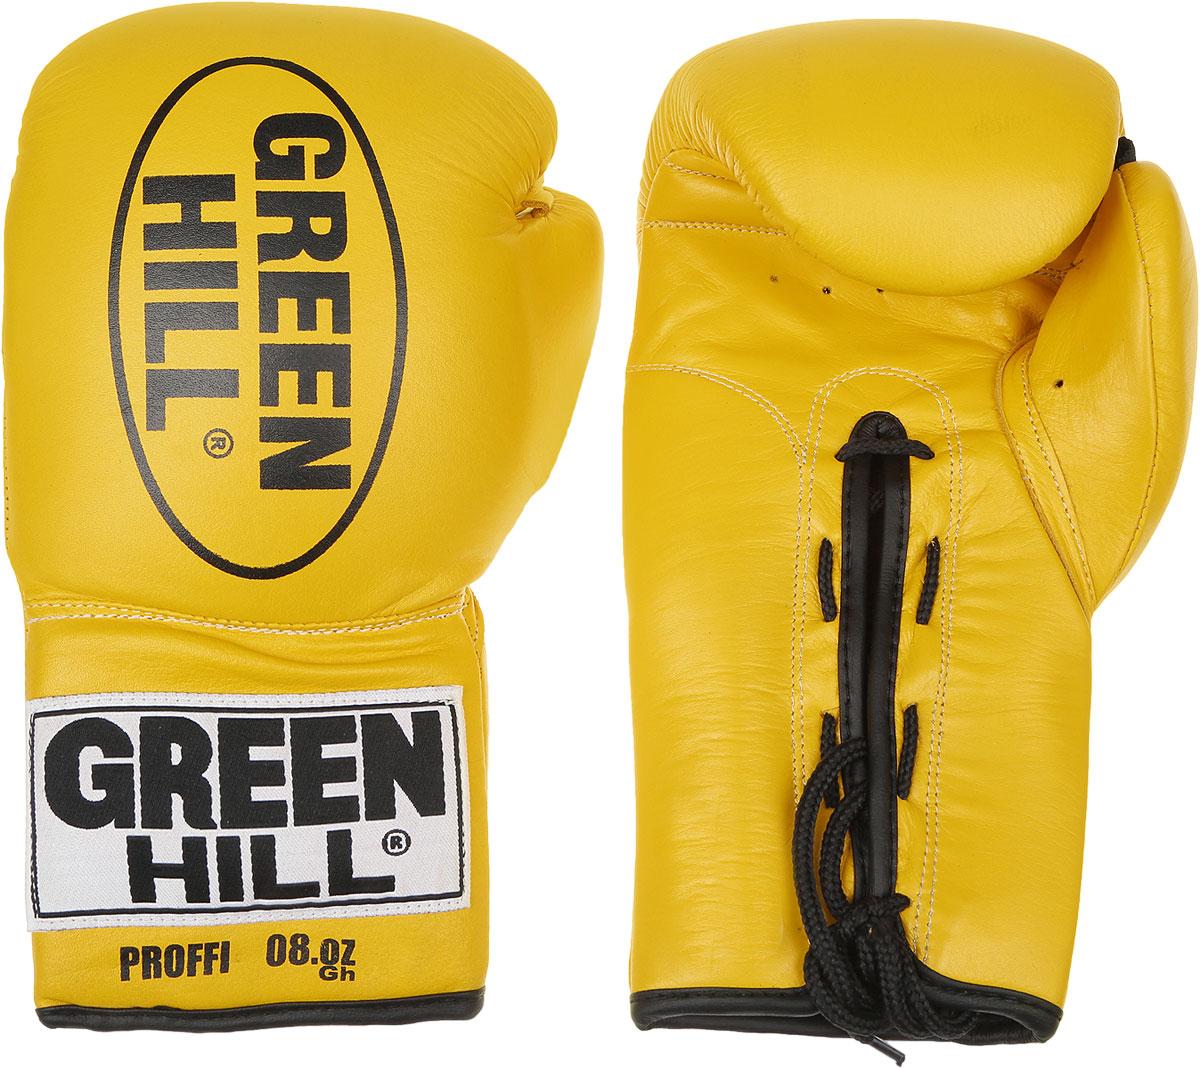 Перчатки боксерские Green Hill Proffi, цвет: желтый, черный. Вес 8 унций. BGP-2014BGP-2014Боксерские перчатки Green Hill Proffi предназначены для использования профессионалами. Верх выполнен из натуральной кожи, наполнитель - из вспененного полимера. Отверстие в области ладони позволяет создать максимально комфортный терморежим во время занятий. Манжет на шнуровке способствует быстрому и удобному надеванию перчаток, плотно фиксирует перчатки на руке.